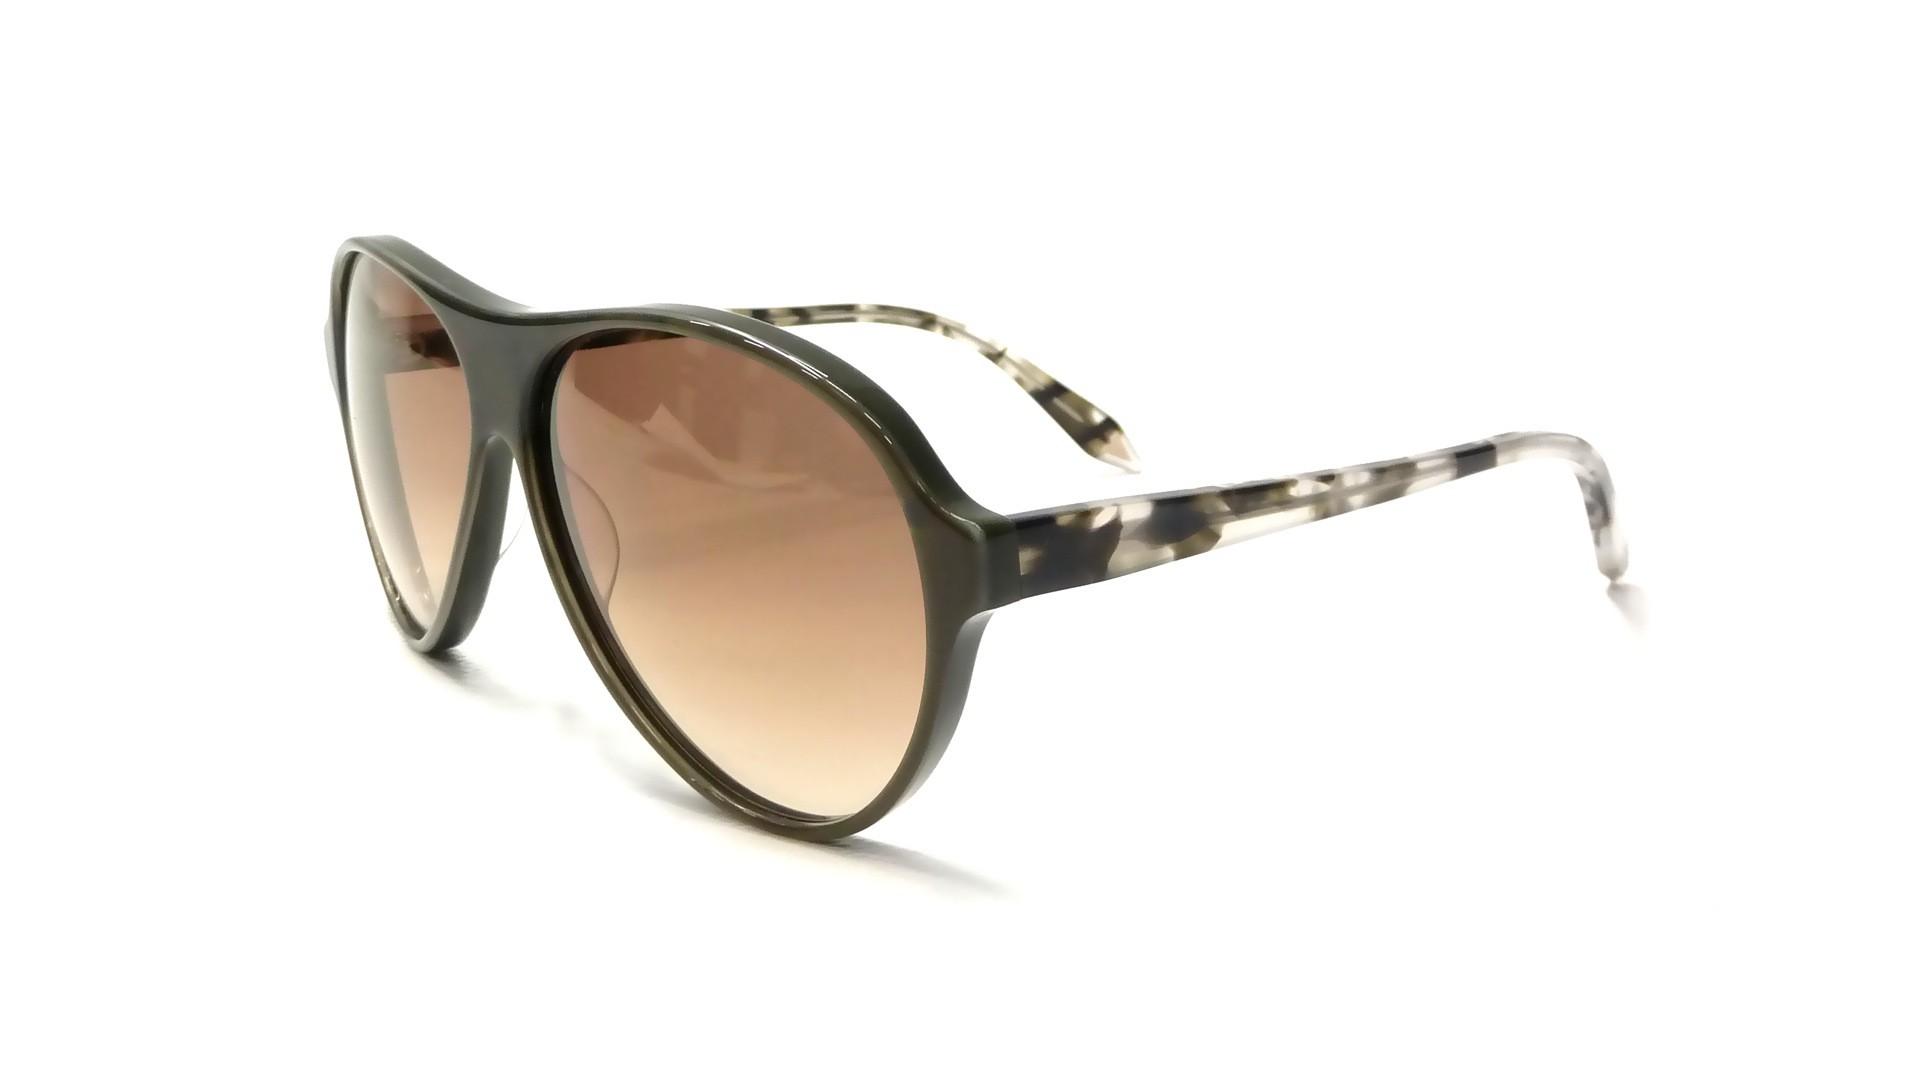 Glasses Frames Recto Or Quiapo : Sun glasses Victoria Beckham Feminine Aviator VB0232 Olive ...